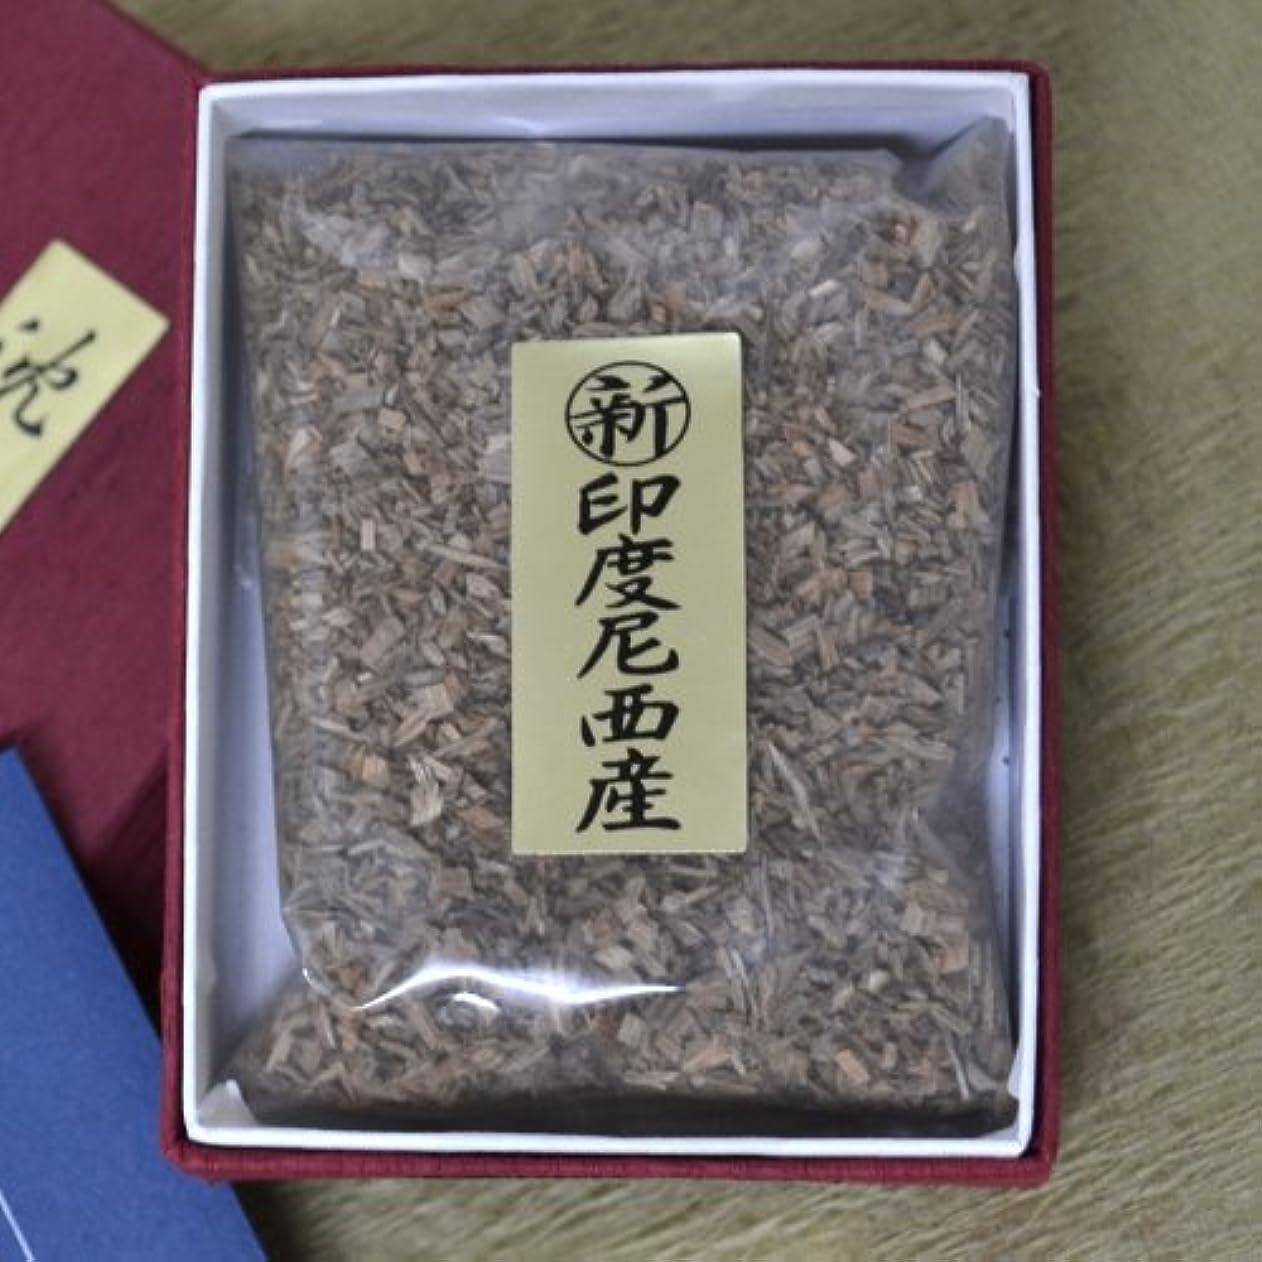 保全スパークカーフ香木 お焼香 新インドネシア産 沈香 【最高級品】 18g